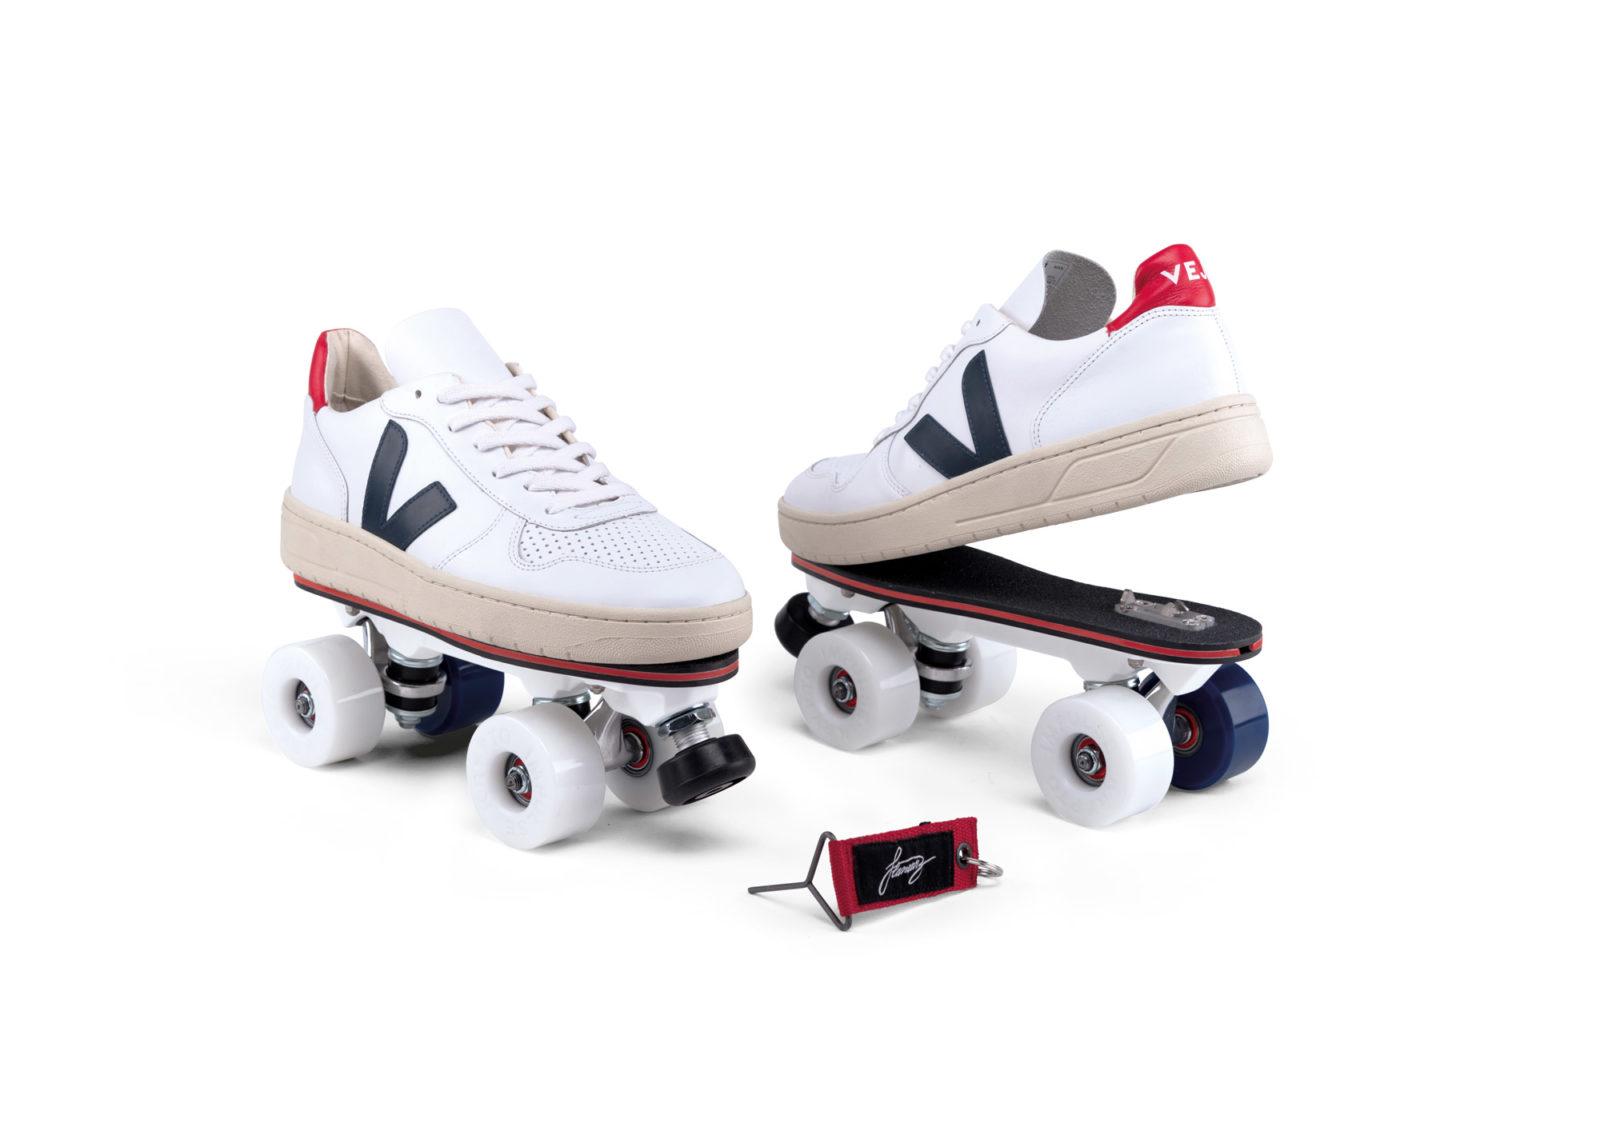 flaneurz vega quad roller roller quad vintage radar noel cadeau streetculture - Des idées de cadeaux cools à offrir à Noël aux amateurs de tendances urbaines